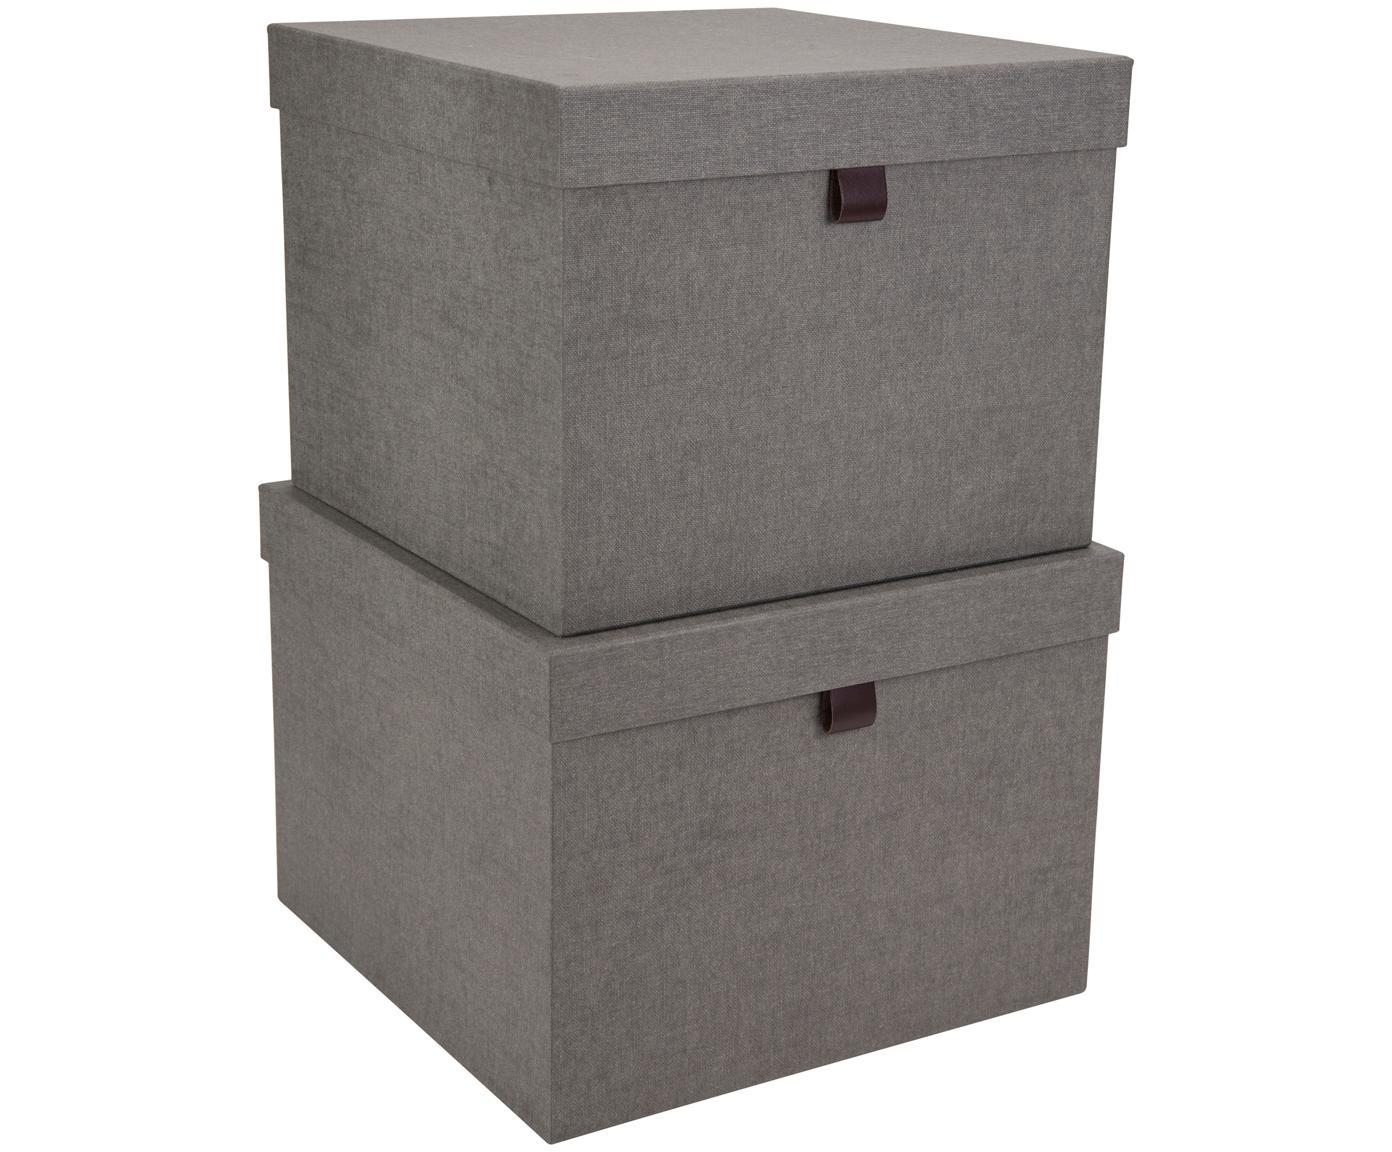 Aufbewahrungsboxen-Set Tristan, 2-tlg., Box: Fester, laminierter Karto, Griff: Leder, Grau, Verschiedene Grössen